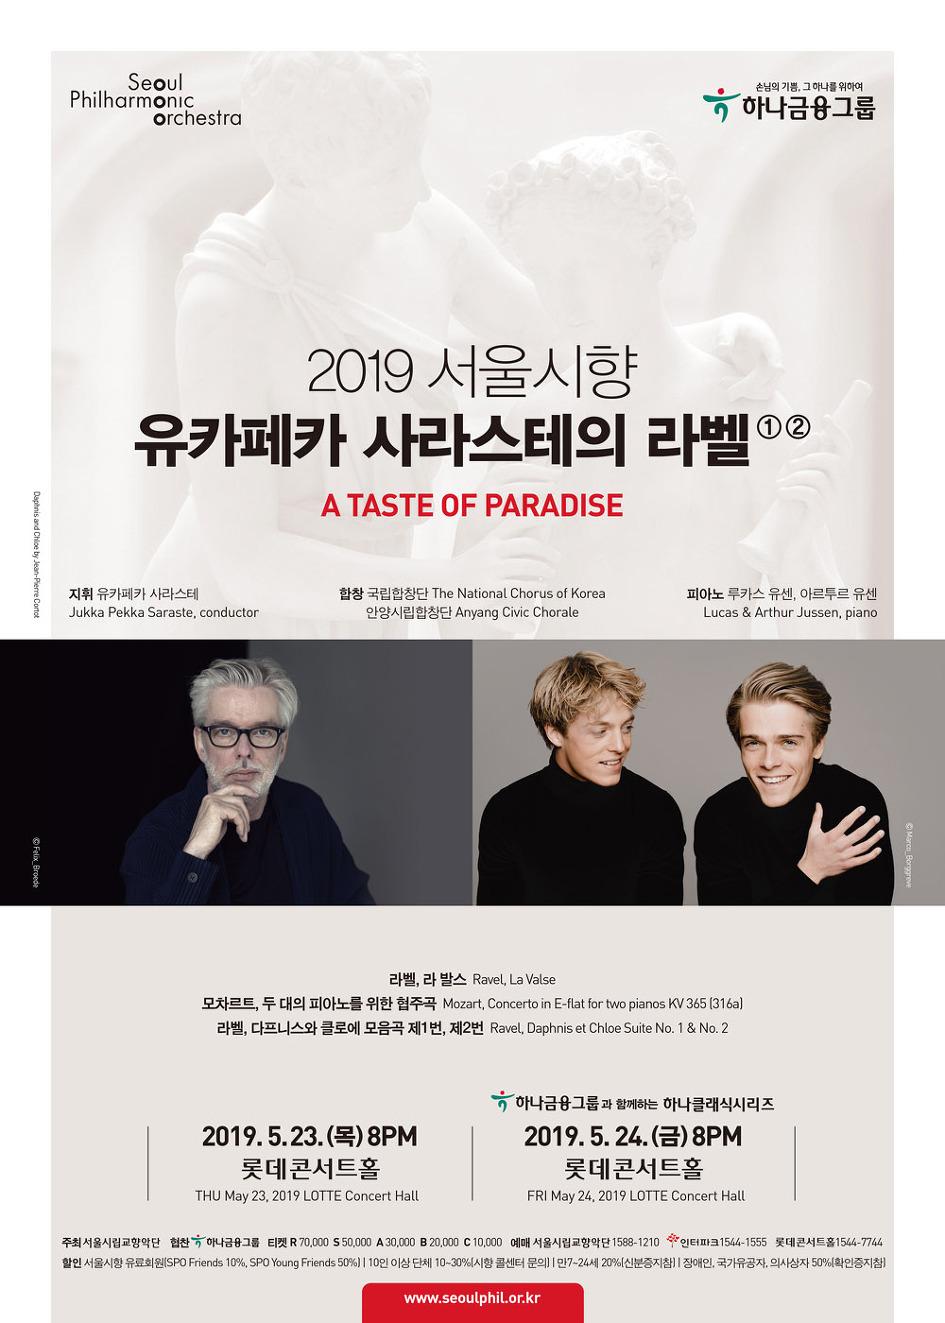 2019 서울시향 유카페카 사라스테의 라벨/2019.5.23.목/롯데 콘서트홀